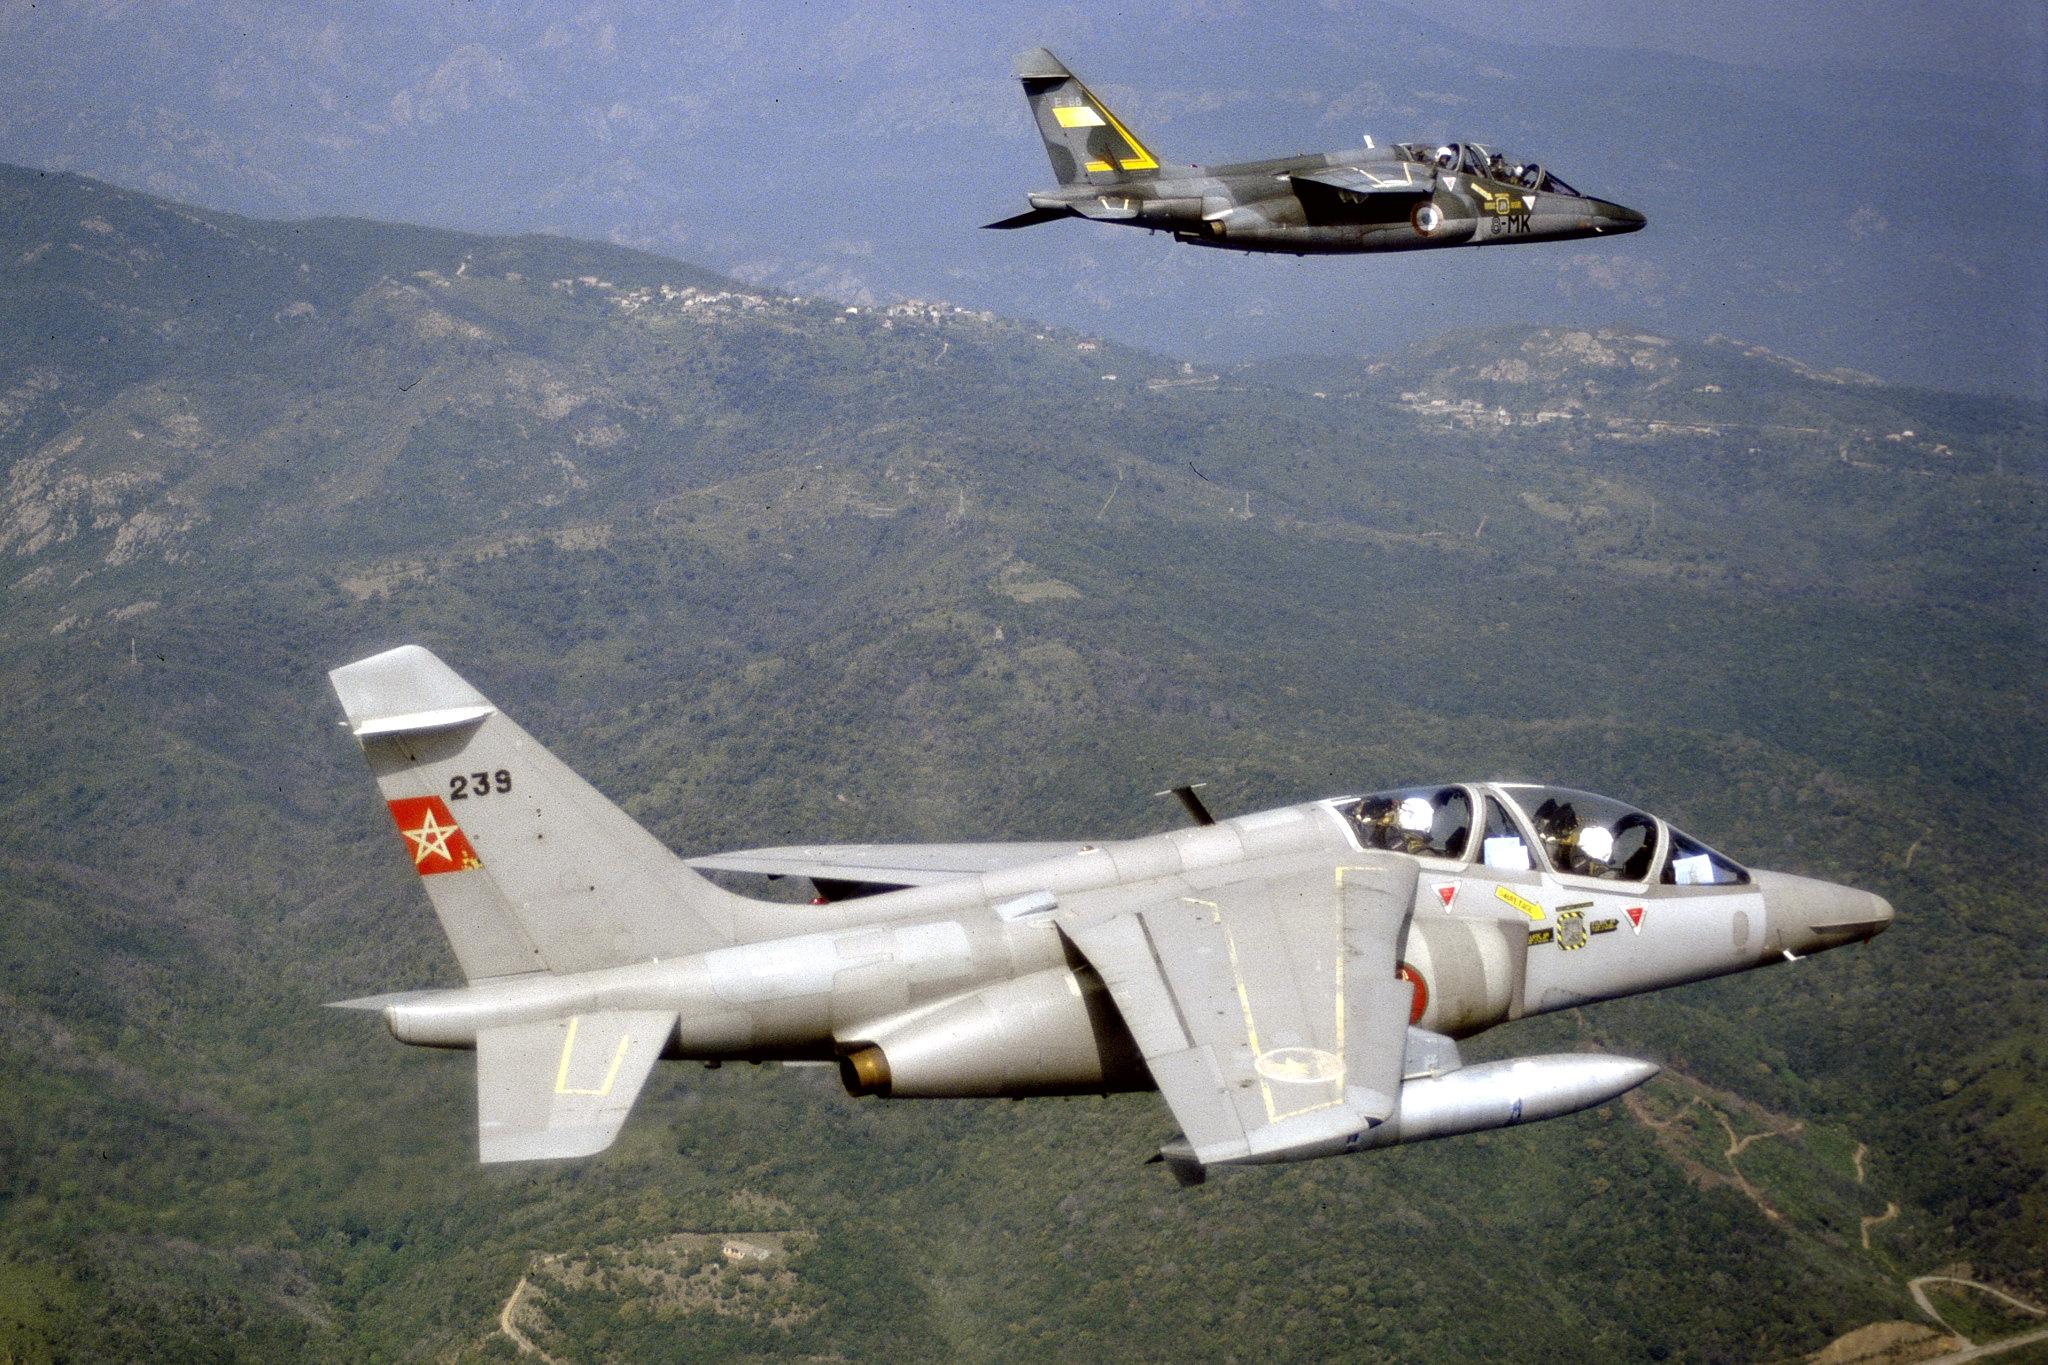 FRA: Photos avions d'entrainement et anti insurrection - Page 9 48921135803_e747c6edac_k